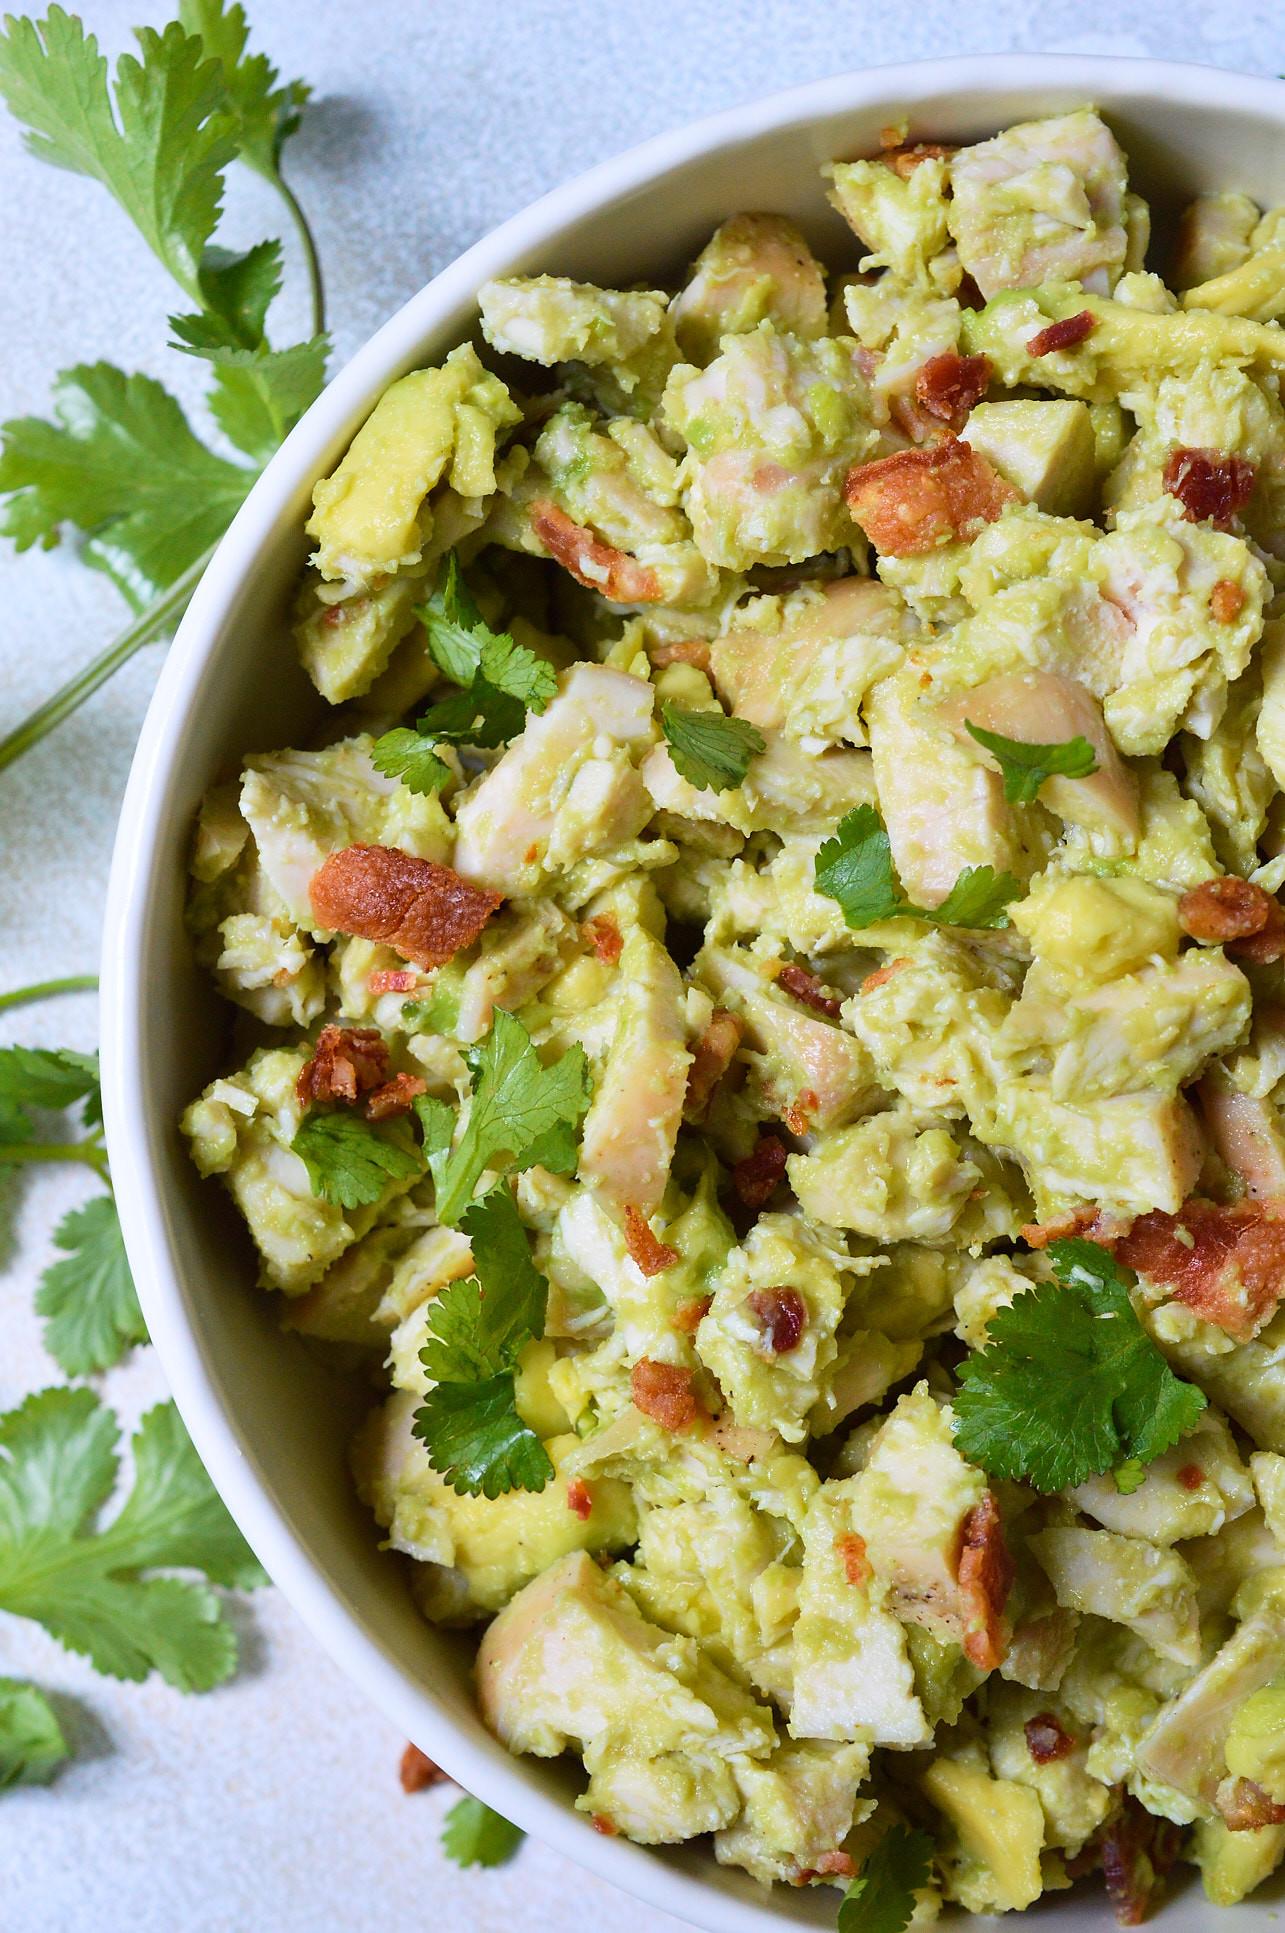 Avacado Chicken Salad  Bacon Avocado Chicken Salad Whole30 Recipe WonkyWonderful